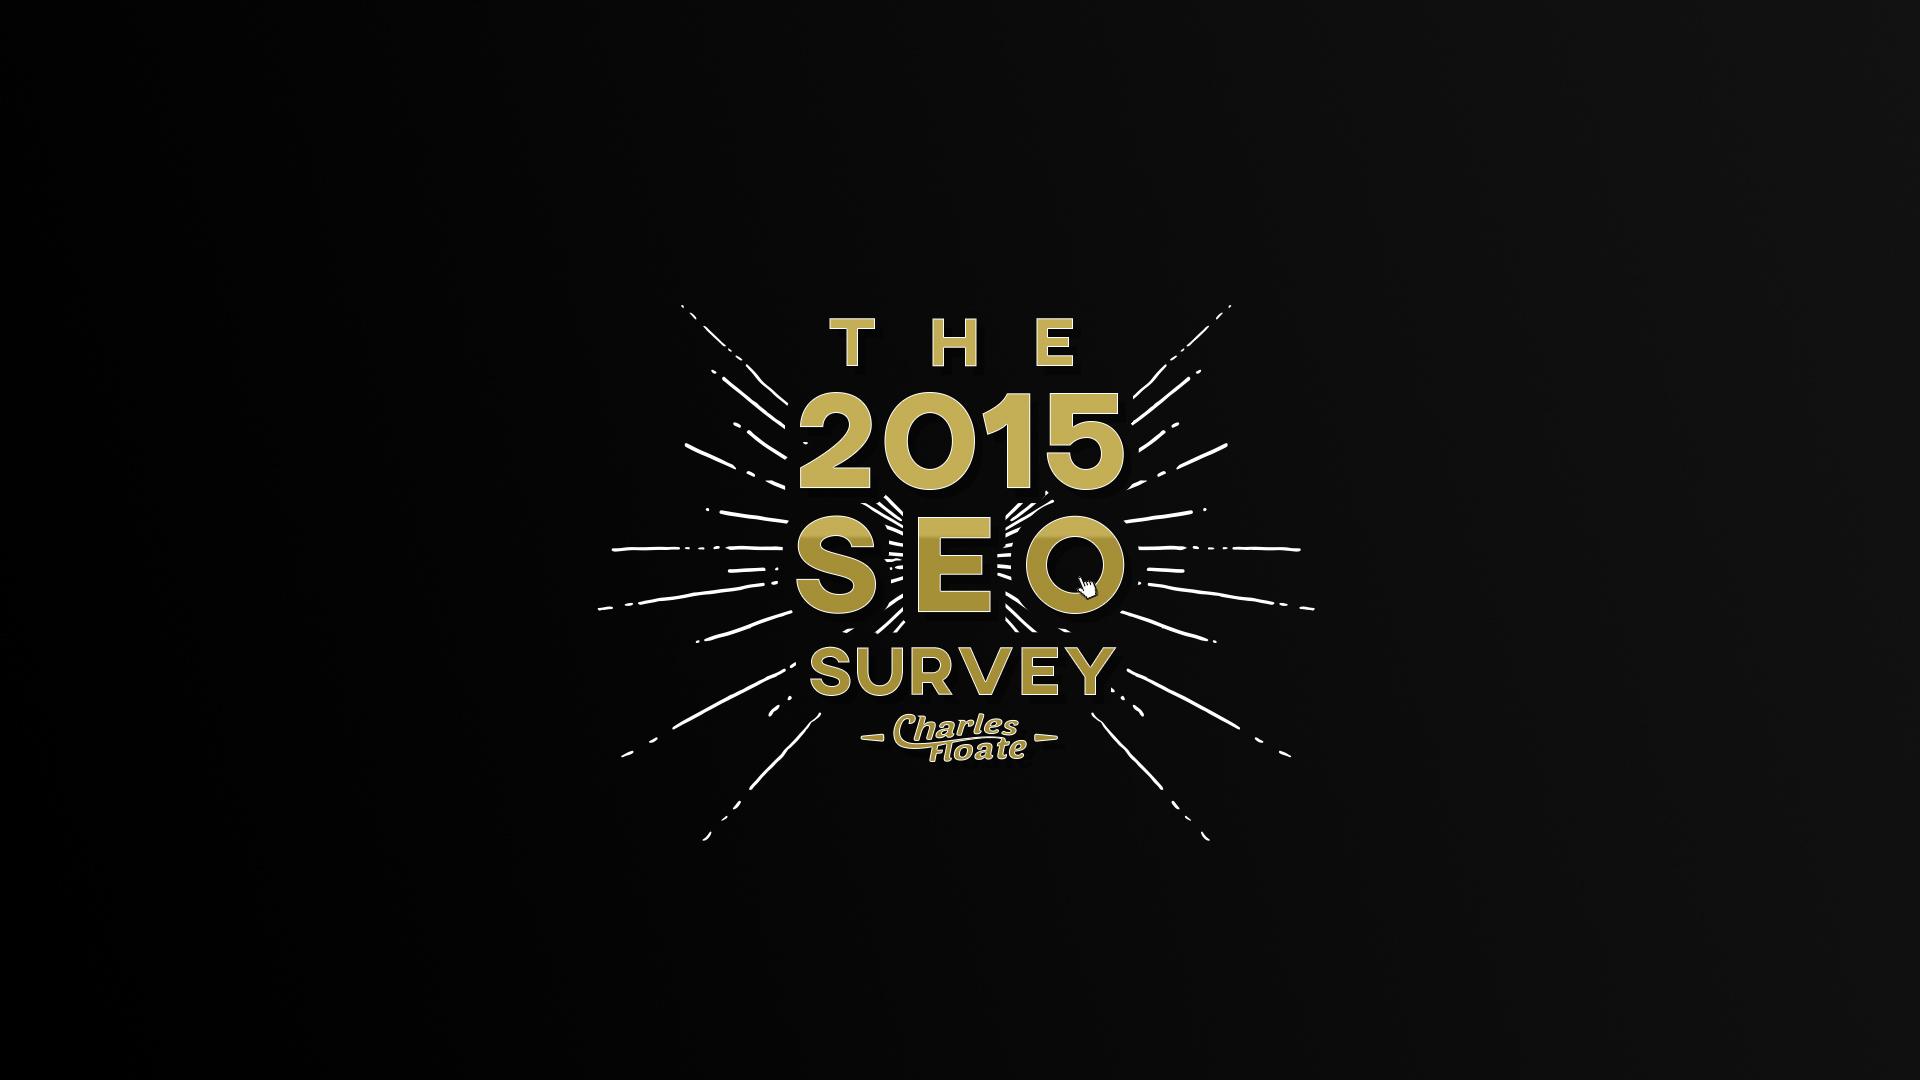 2015 SEO Survey